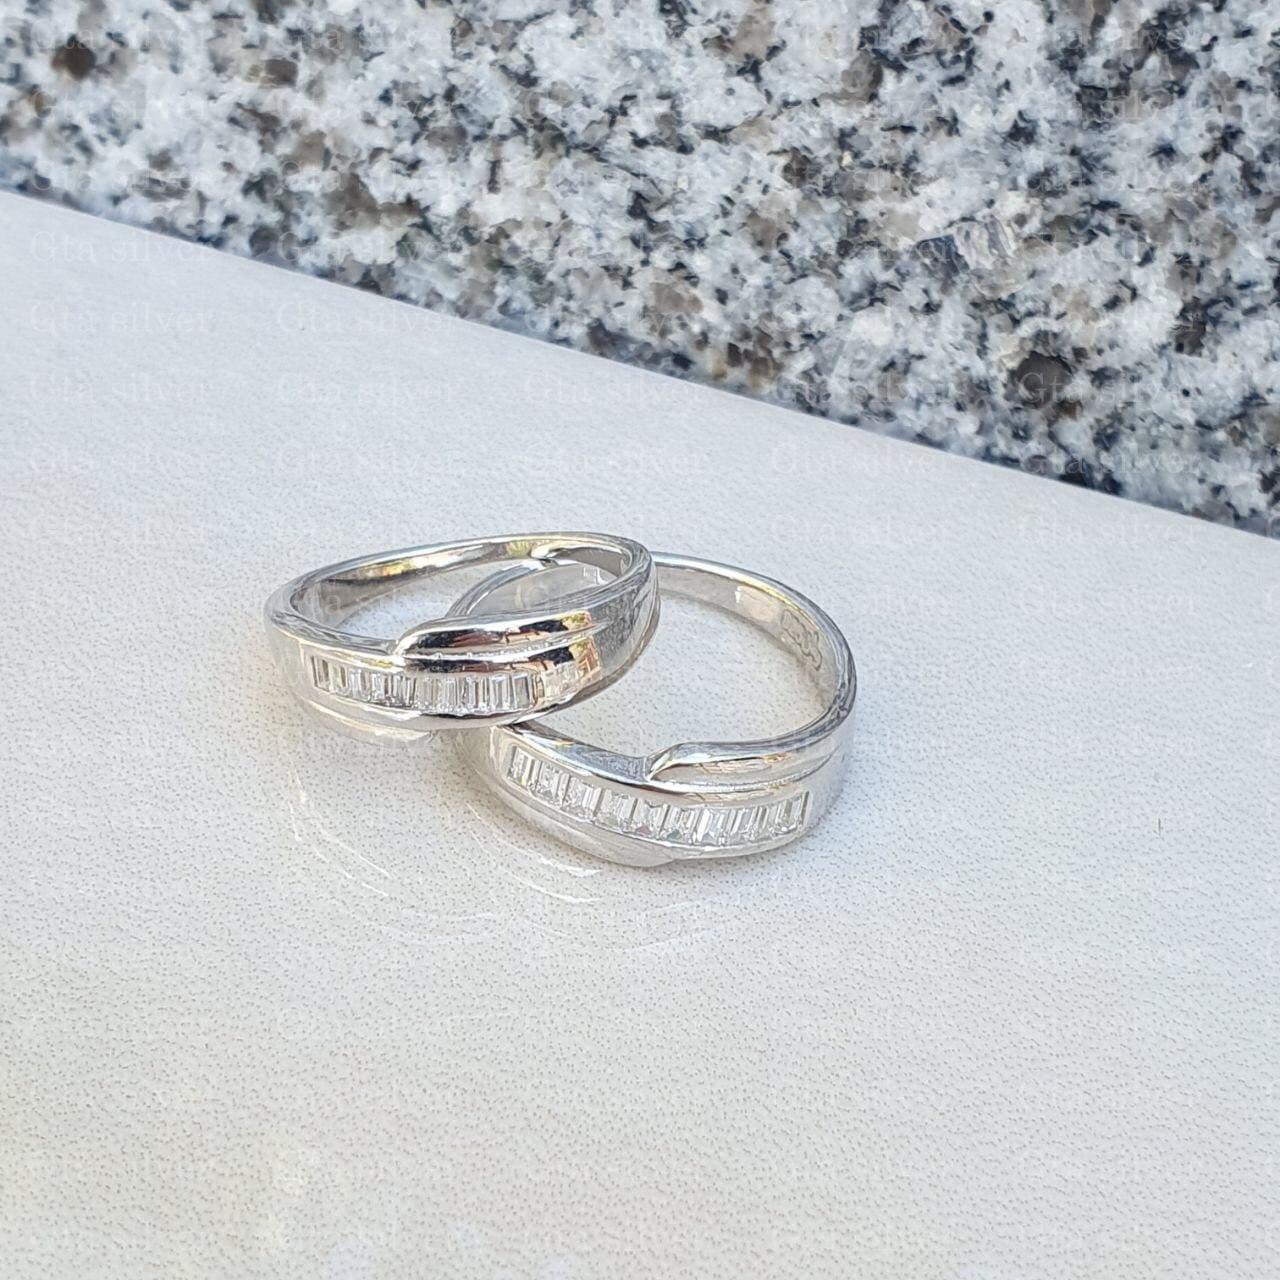 ست حلقه ازدواج وزن 6.5 گرم مدل 11